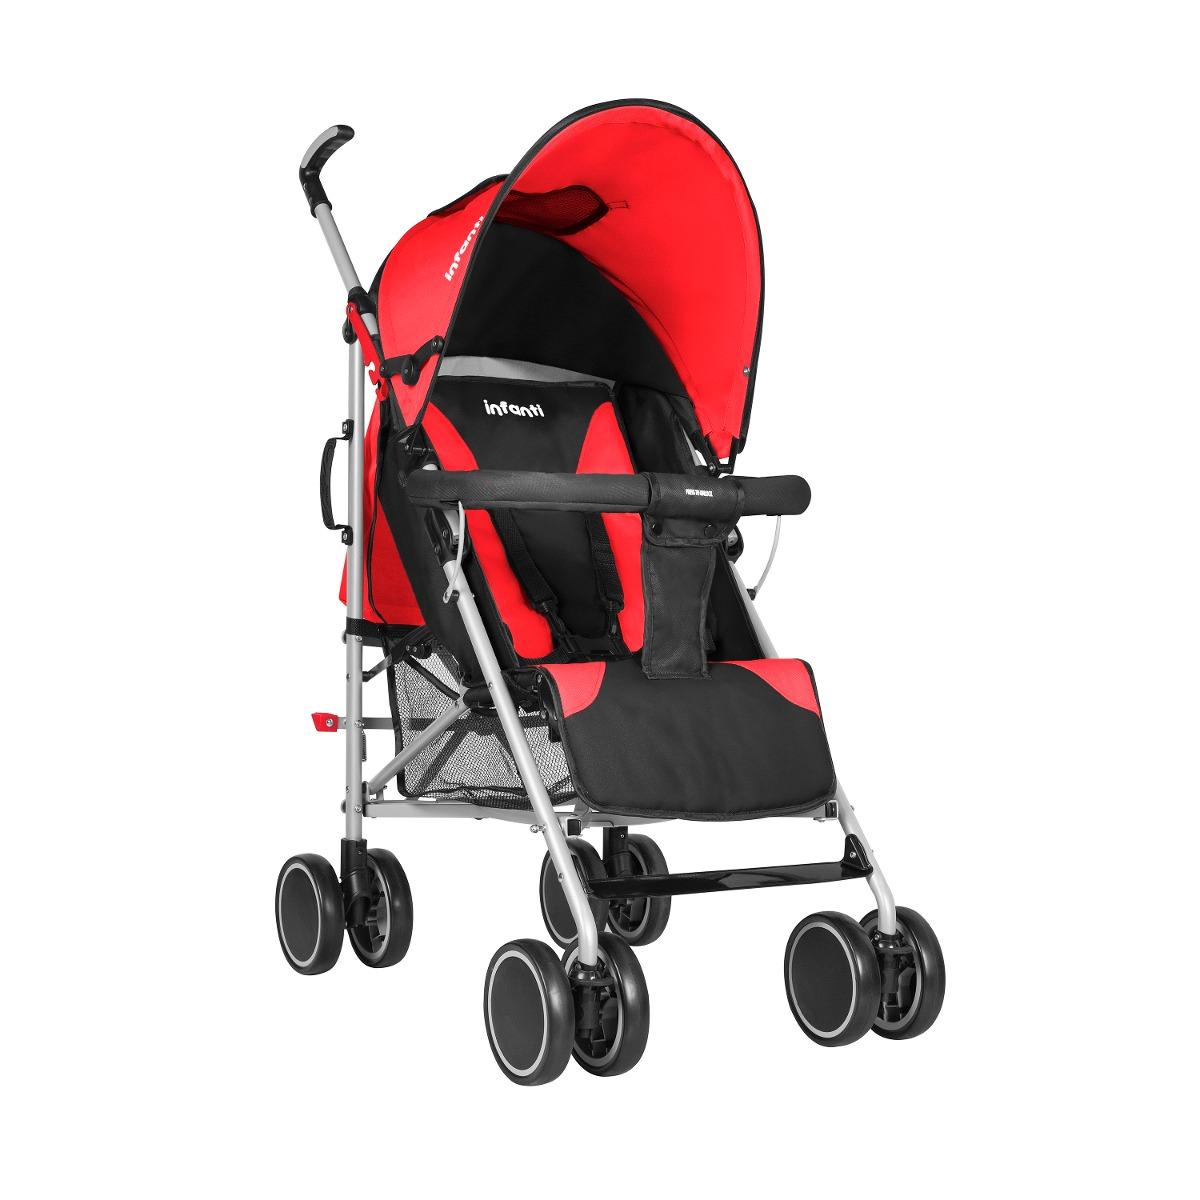 Paraguitas bebe infanti de 0 a 4 a os reclinado liviano for Silla coche nino 4 anos